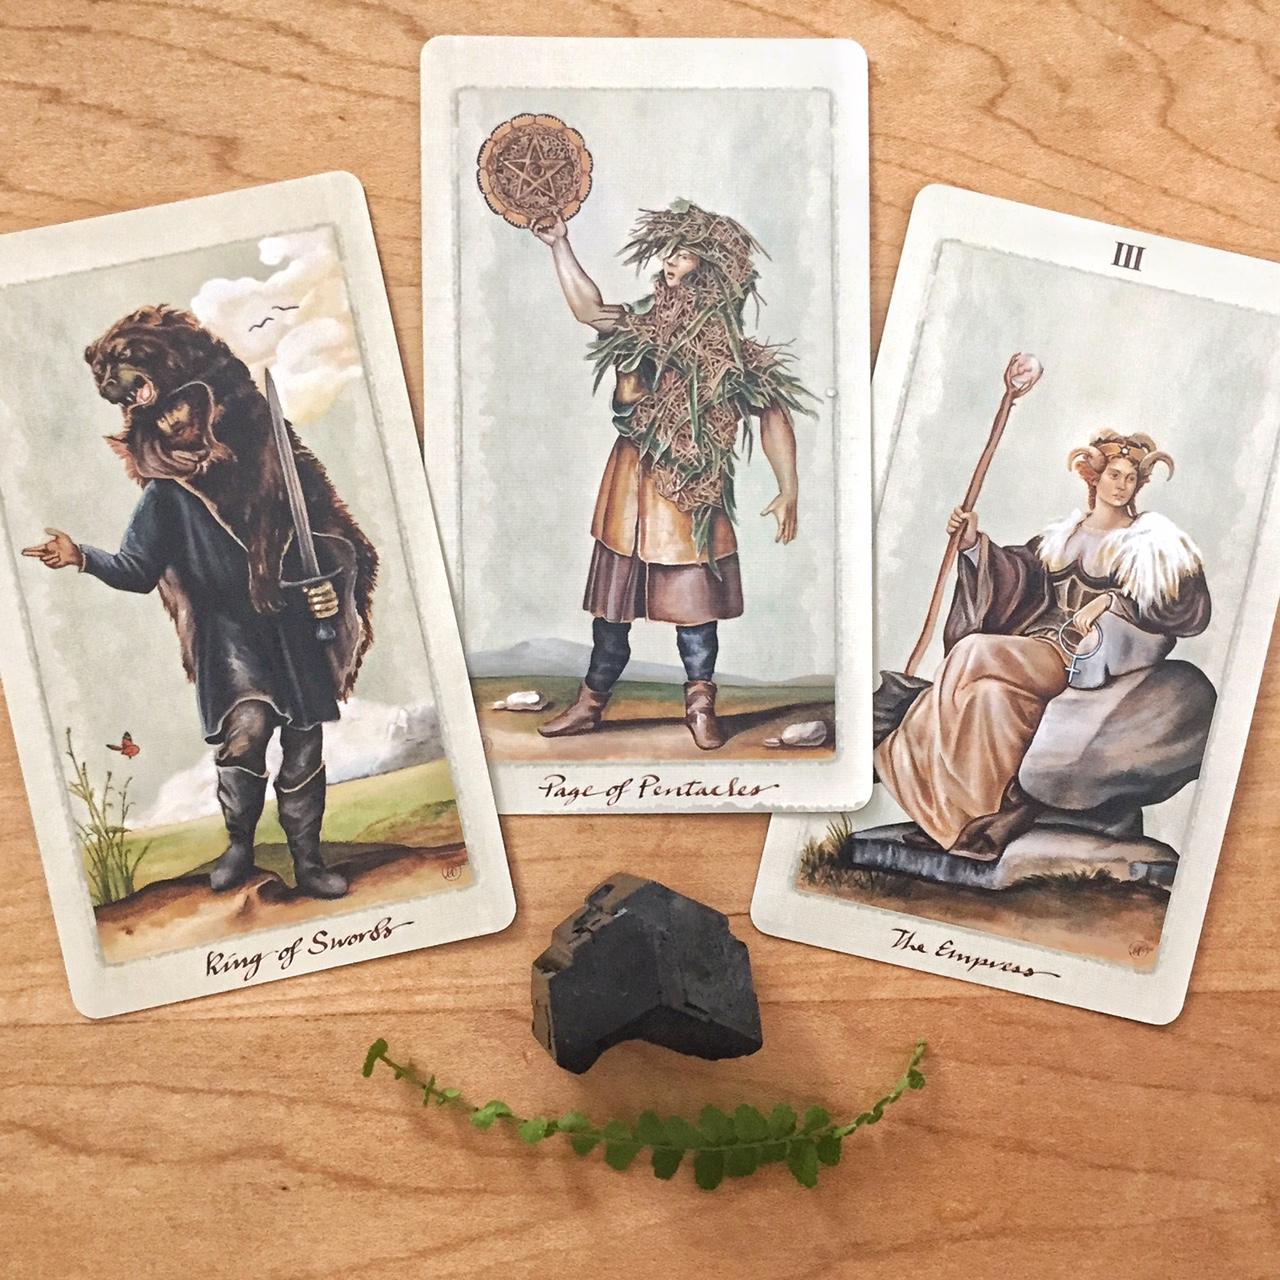 tarot card reading january 29 2020